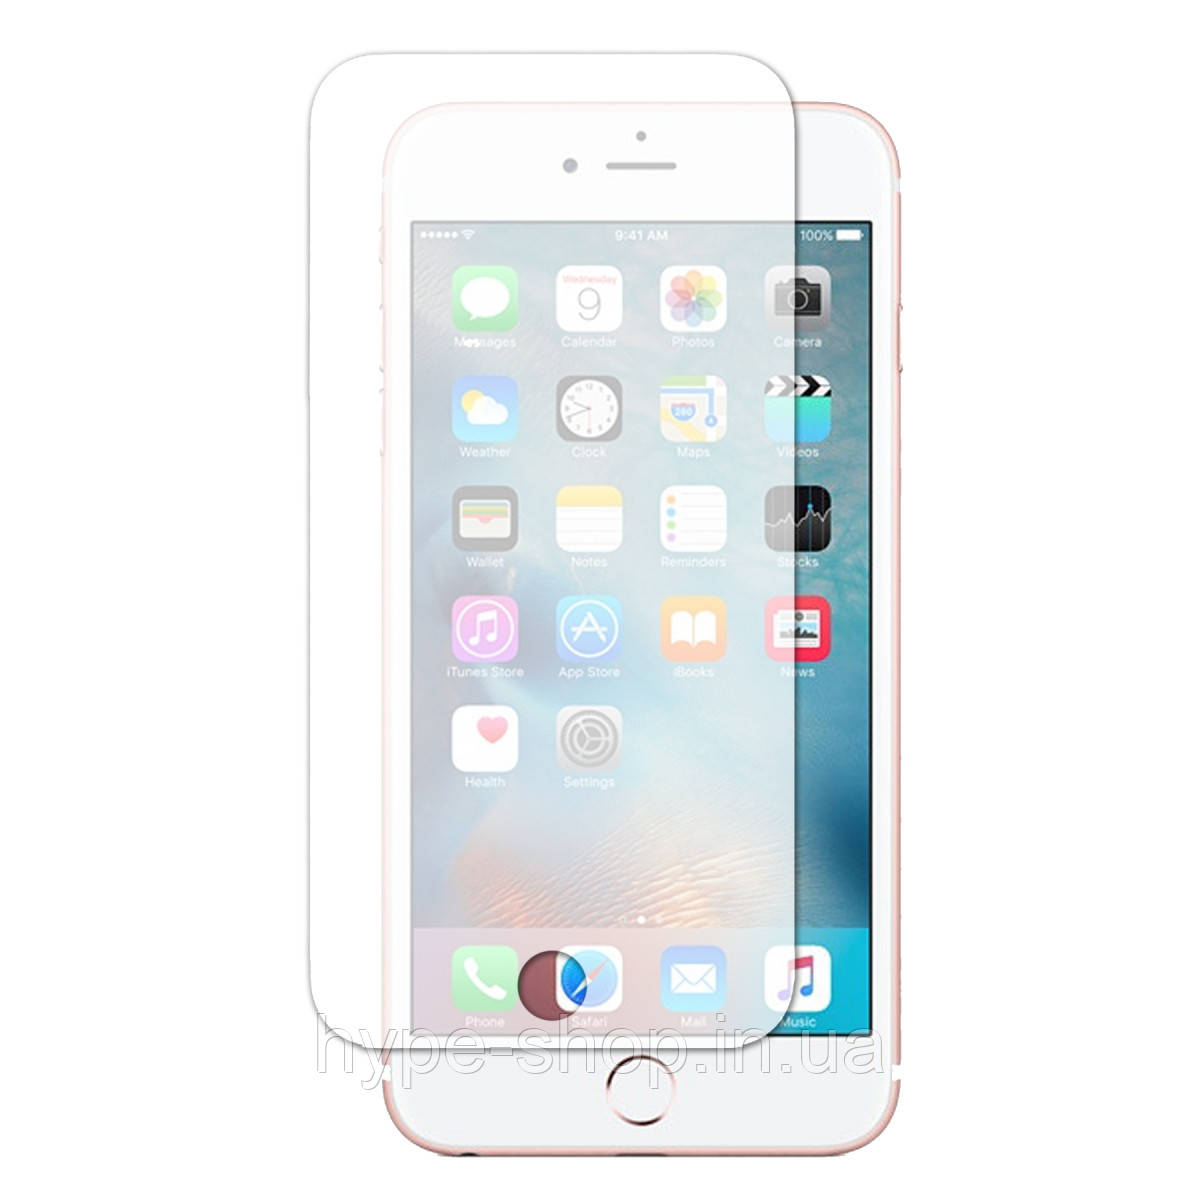 Гідрогелева захисна плівка для смартфонів iPhone (5/5s/6/6s/6s plus/7/7plus/8/8 plus/x/xs/11/11 Pro і